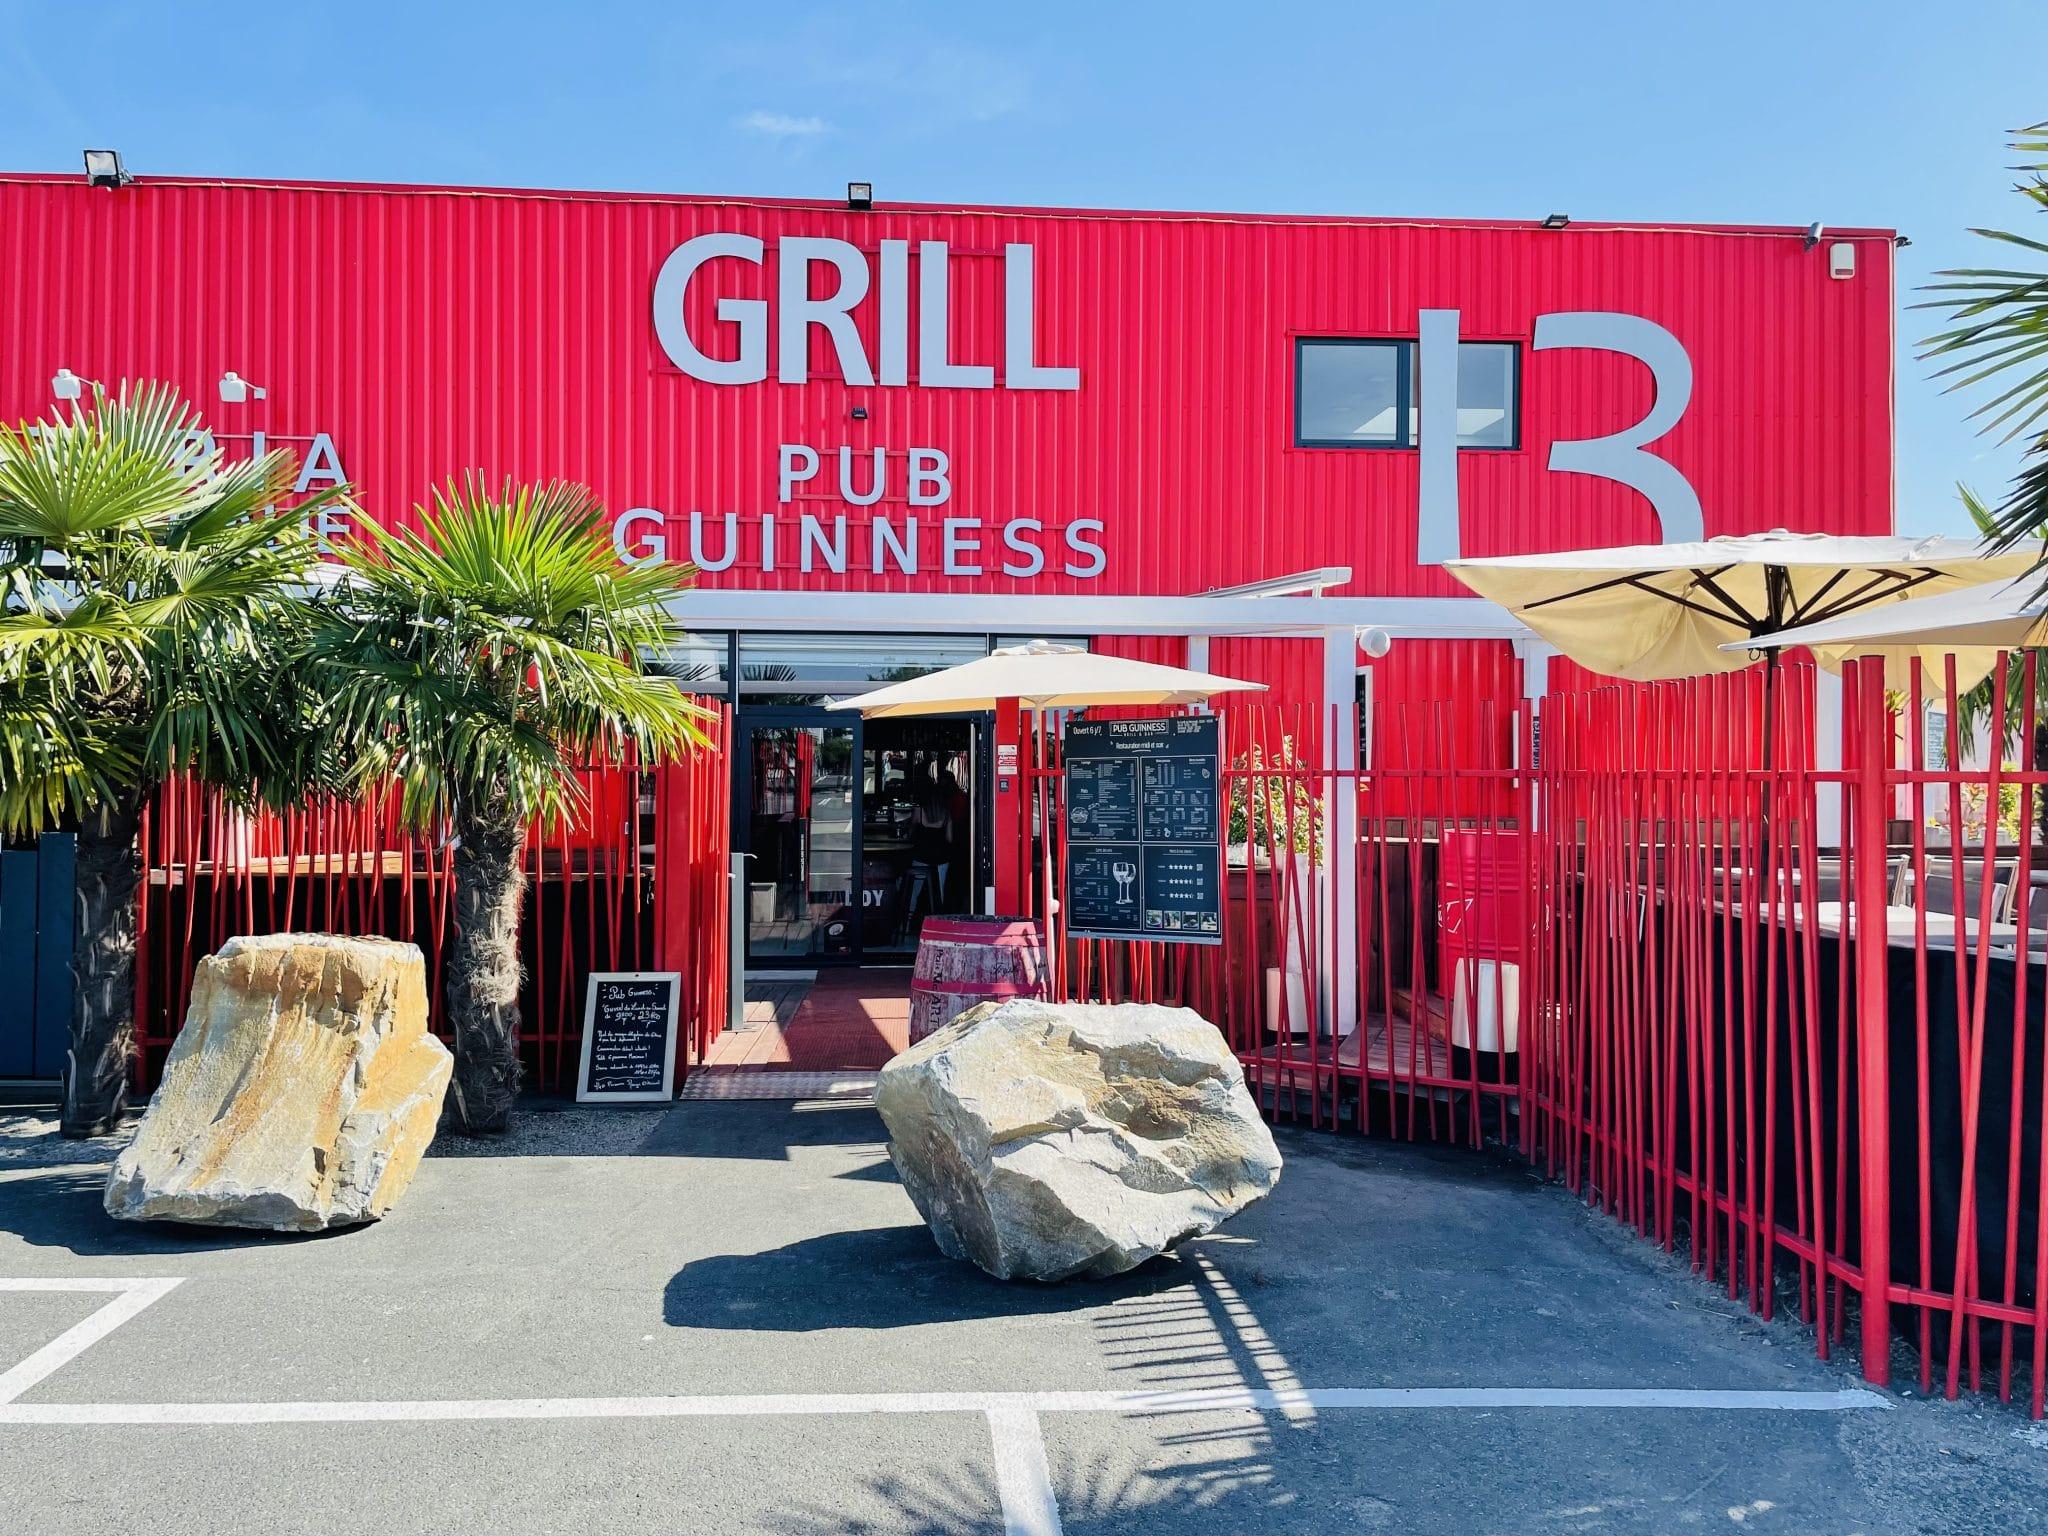 Témoignage du Grill Pub Guinness de St Herblain (44)